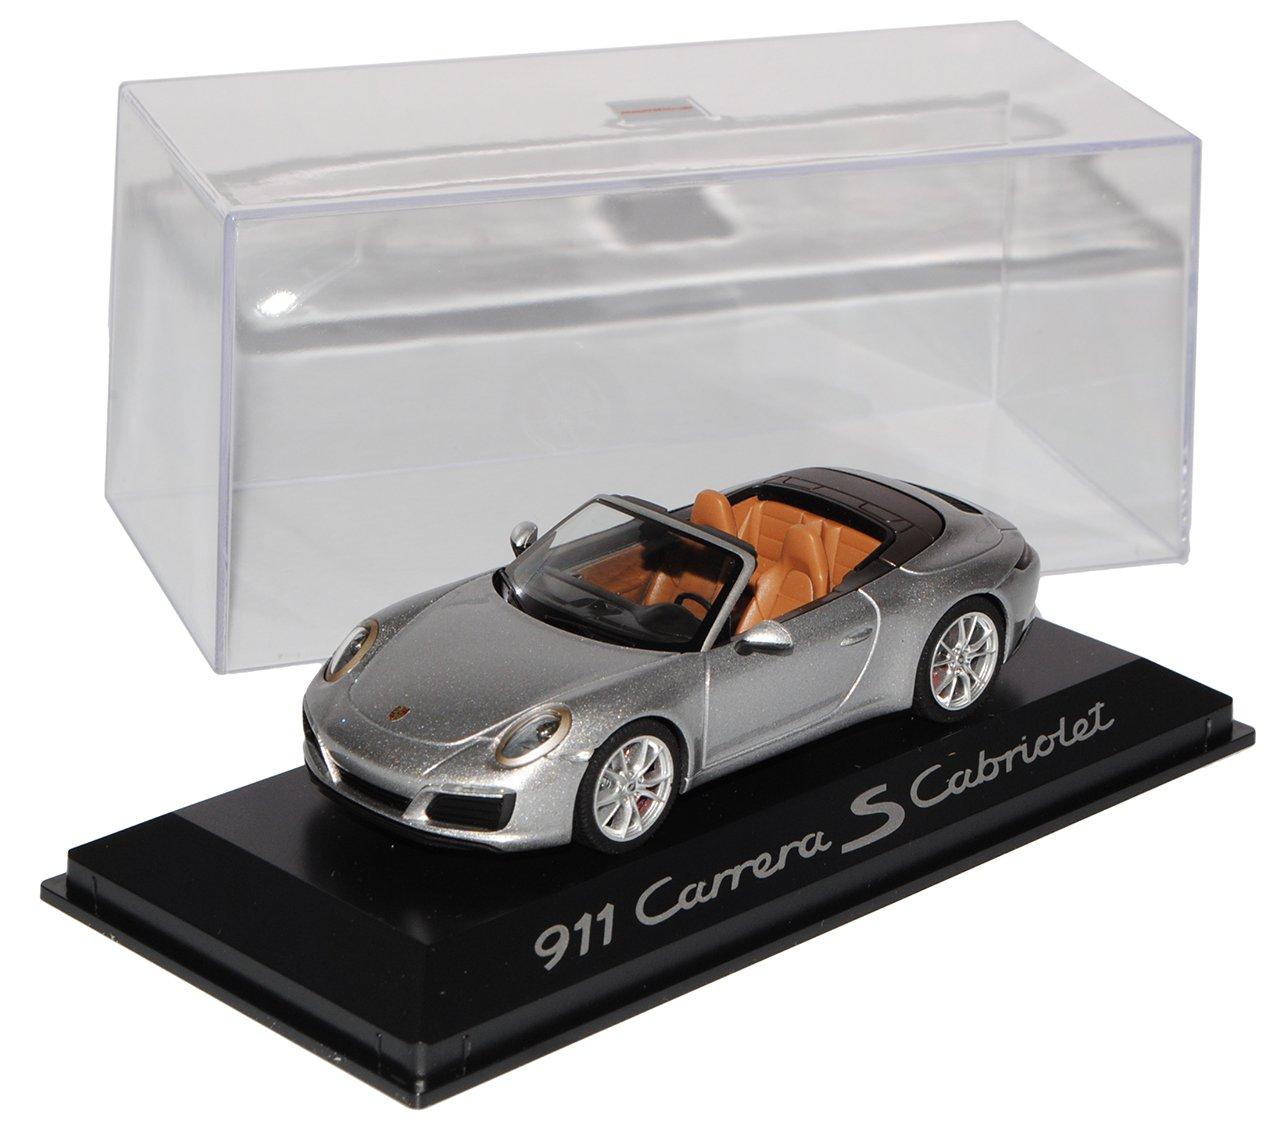 Porsche 911 991 II Carrera Cabrio Silber Modell Ab 2012 Ab Facelift 2015 1/43 Herpa Modell Auto mit individiuellem Wunschkennzeichen